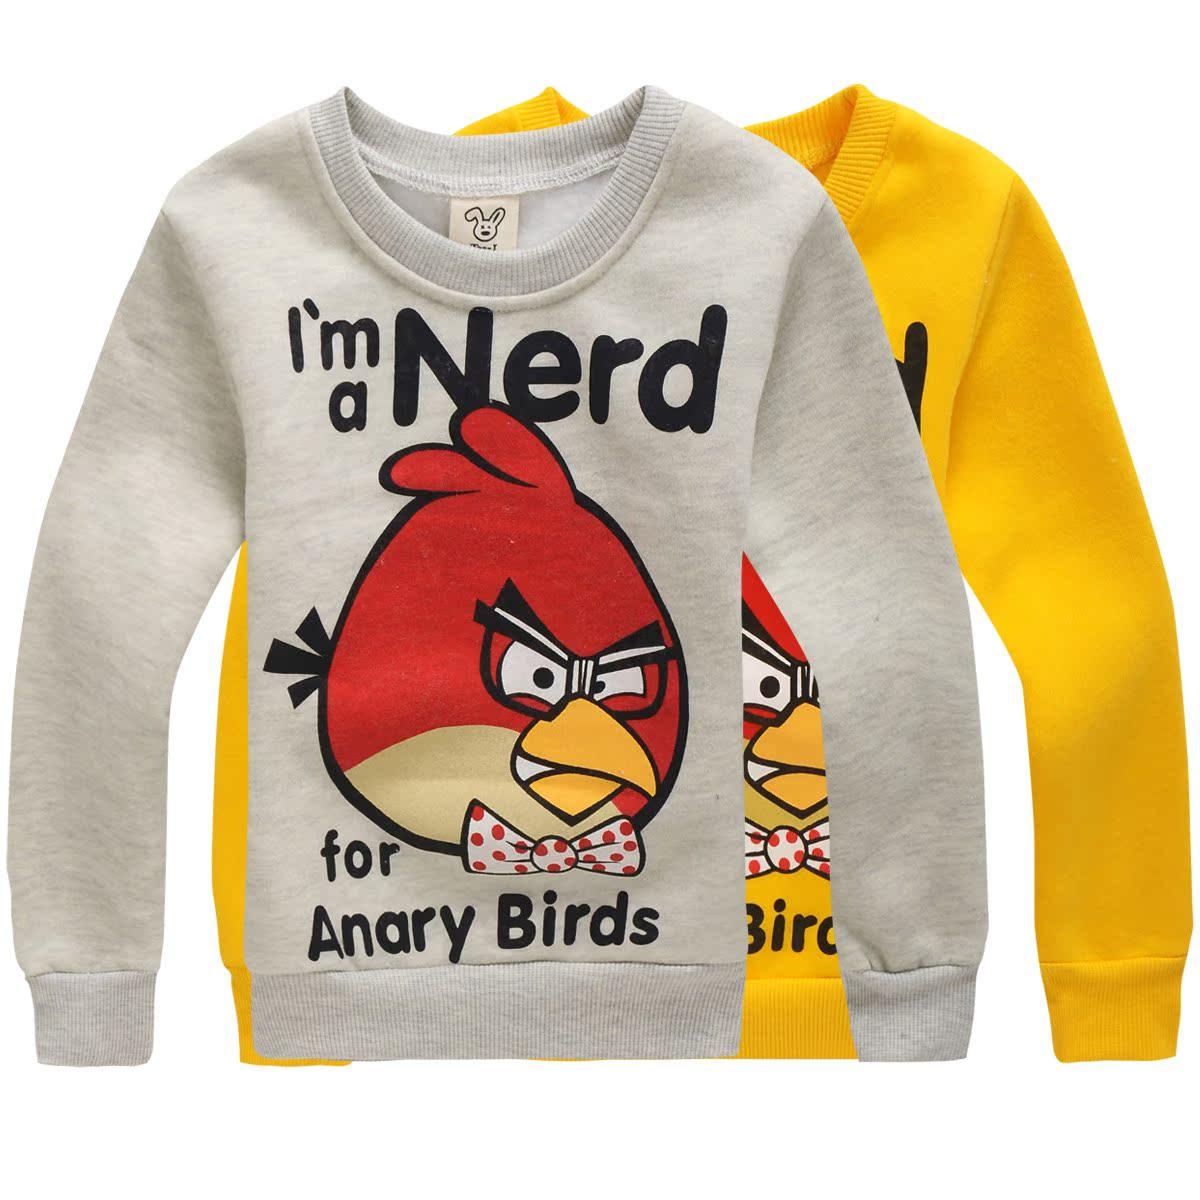 2015 Новый корейский осень angry birds Детский свитер для мальчиков и девочек куртка 9D 6615